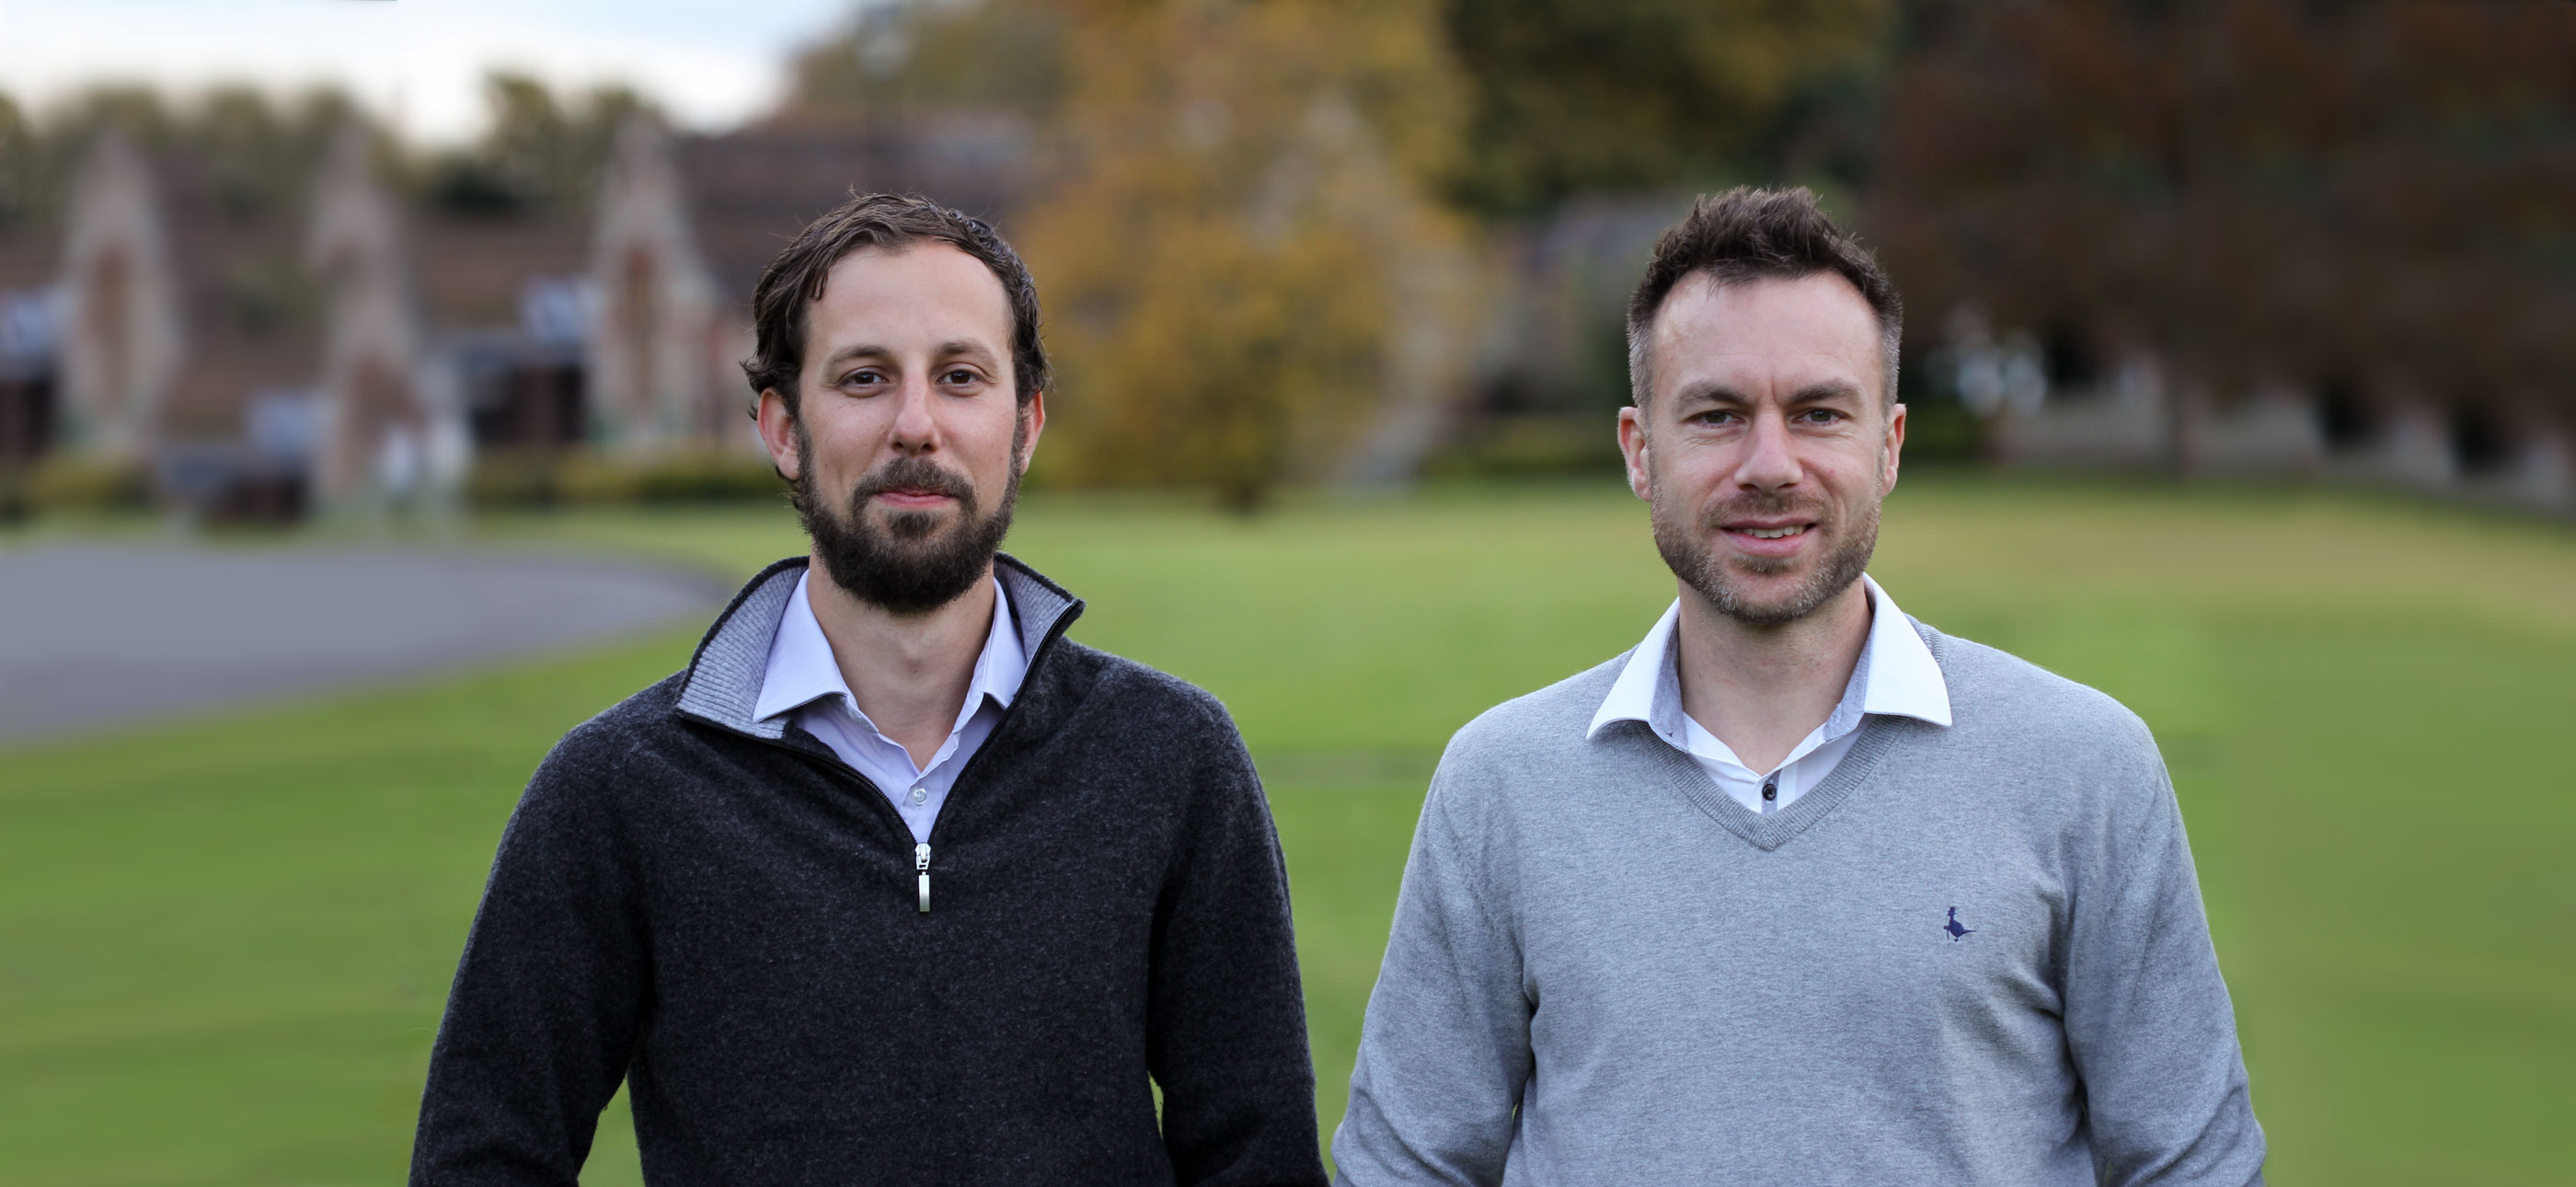 Matt Gair and Jon Green